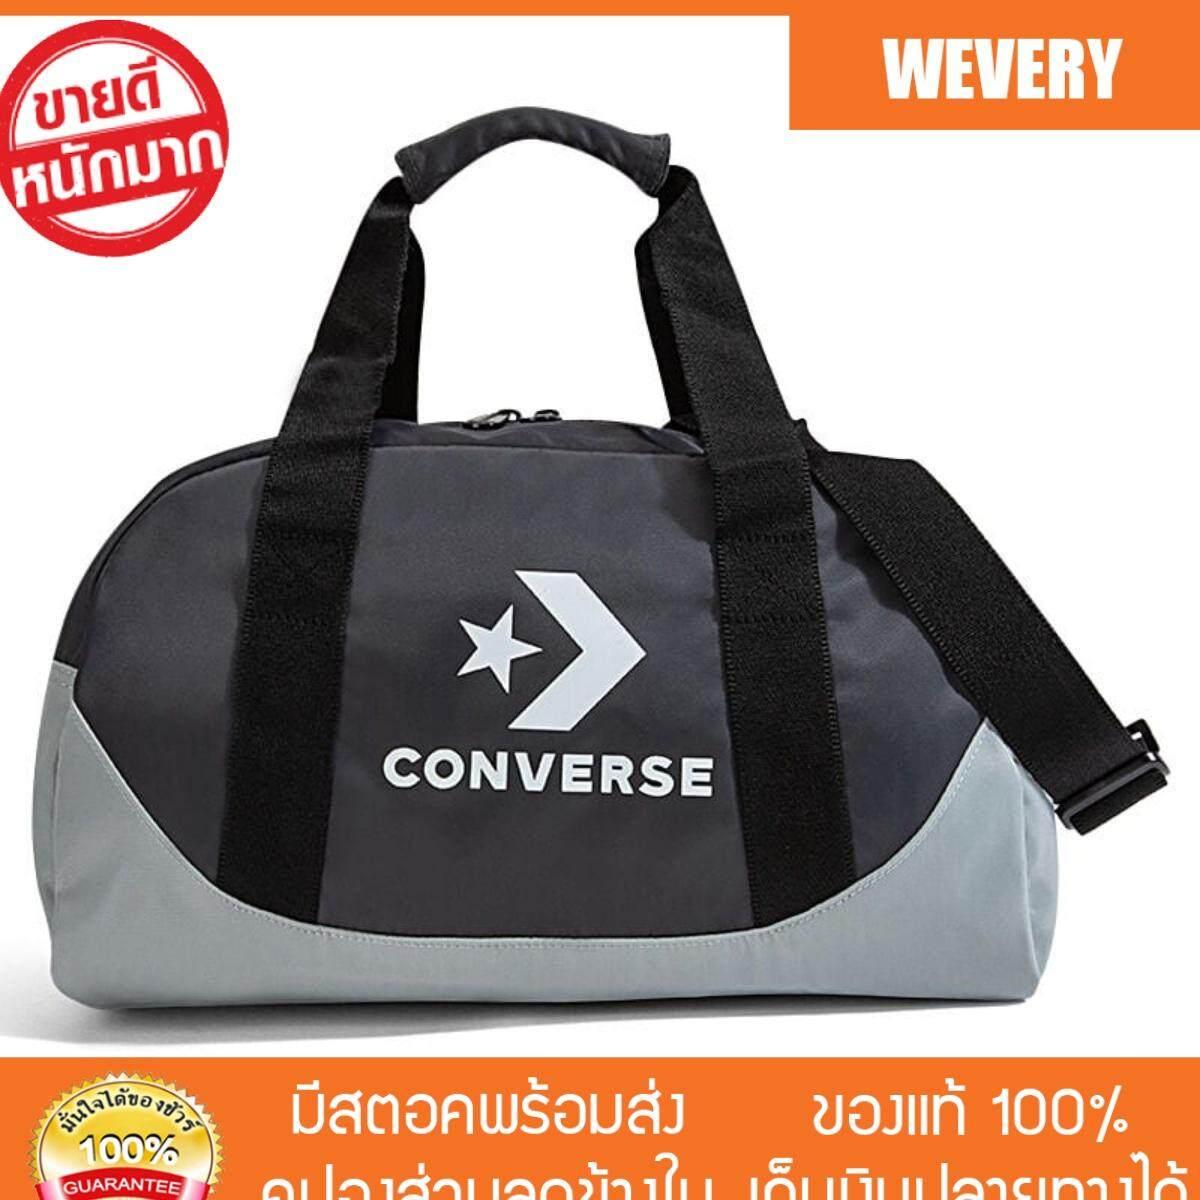 สุดยอดสินค้า!! [Wevery]- คอนเวิร์ส กระเป๋าสะพายไซส์ใหญ่ รุ่น Nylon Two Tone สีดำ กระเป๋าแฟชั่น กระเป๋าผู้หญิง กระเป๋าแบรนเนม กระเป๋าสะพาย กระเป๋าสะพายconverse กระเป๋าเดินทาง ส่ง Kerry เก็บปลายทางได้